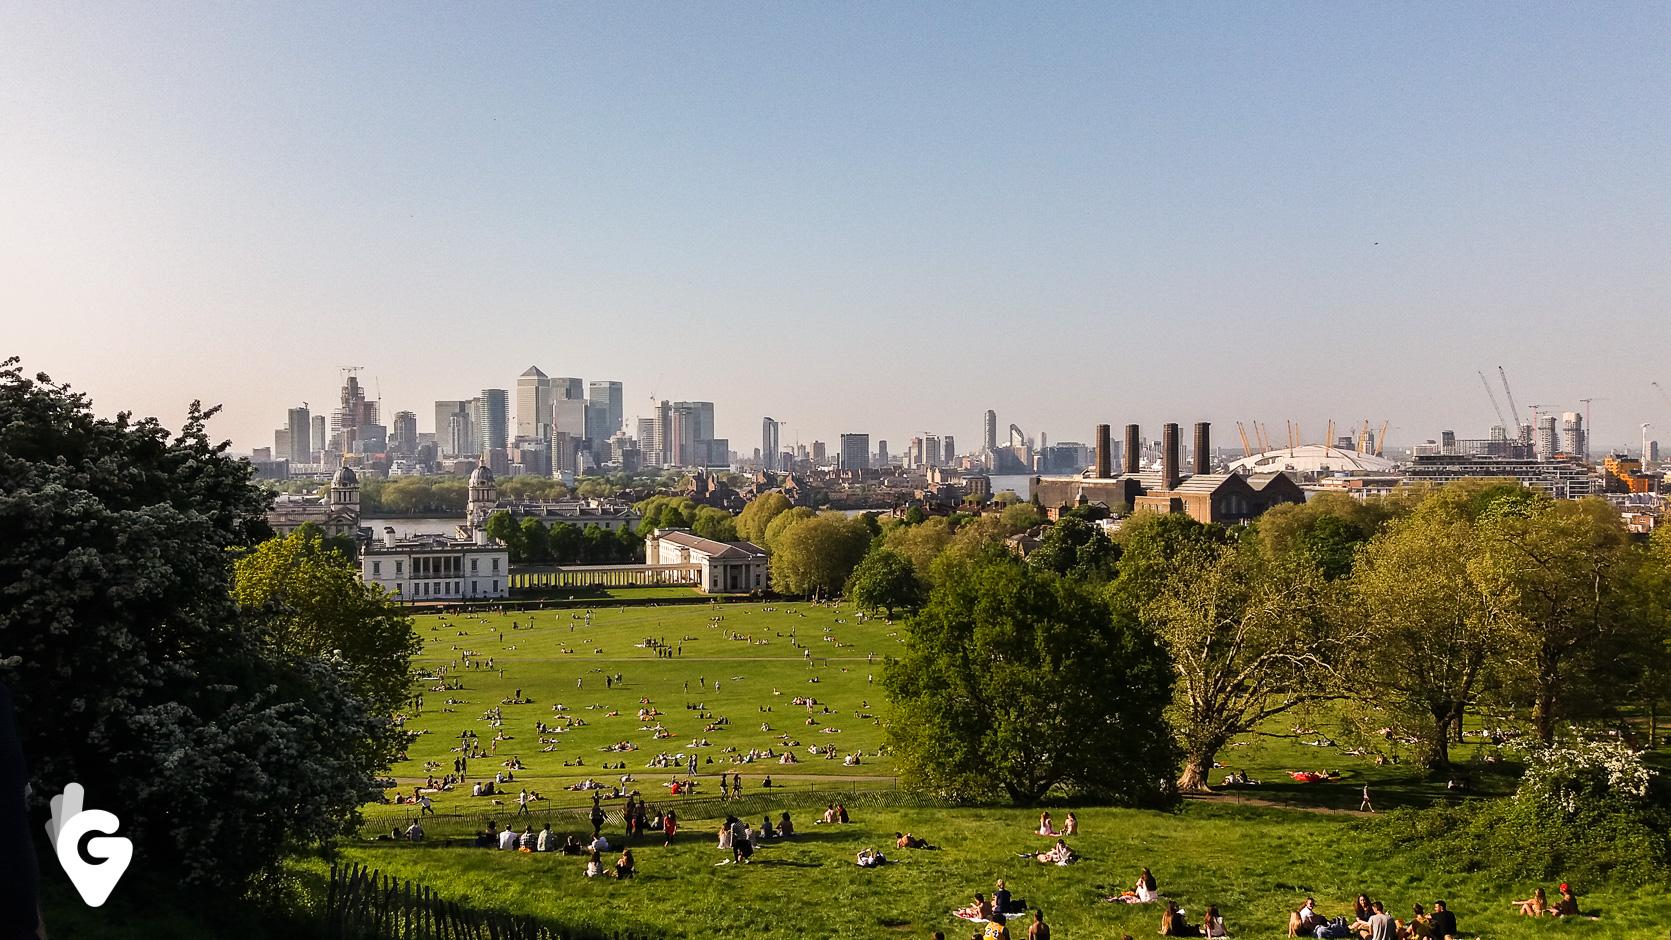 Widok na Londyn z obserwatorium w Greenwich